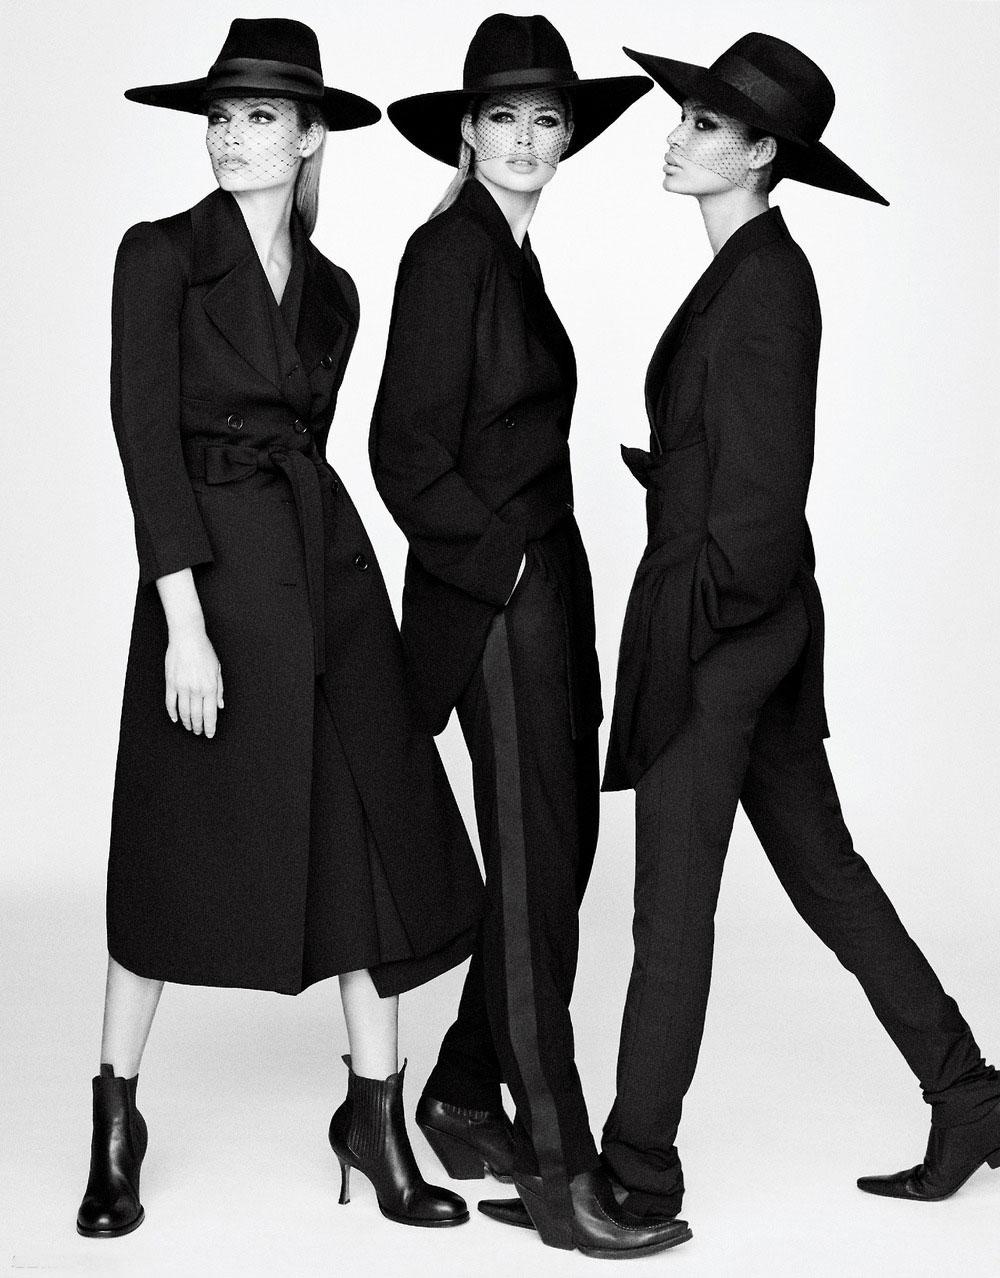 时尚摄影师组合Luigi & Iango的Vogue杂志作品 审美灵感 第5张